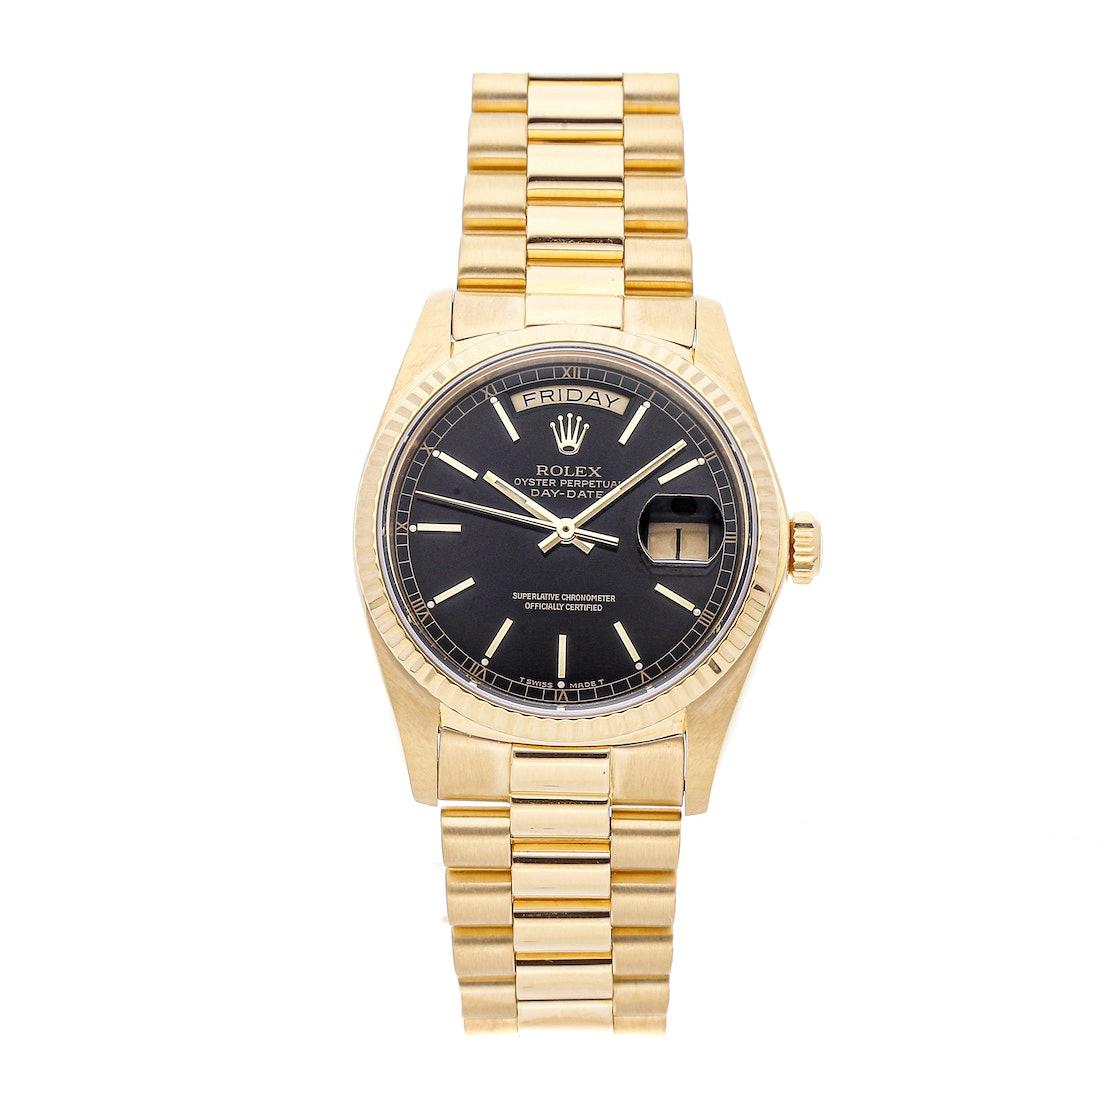 Rolex Day-Date 18038